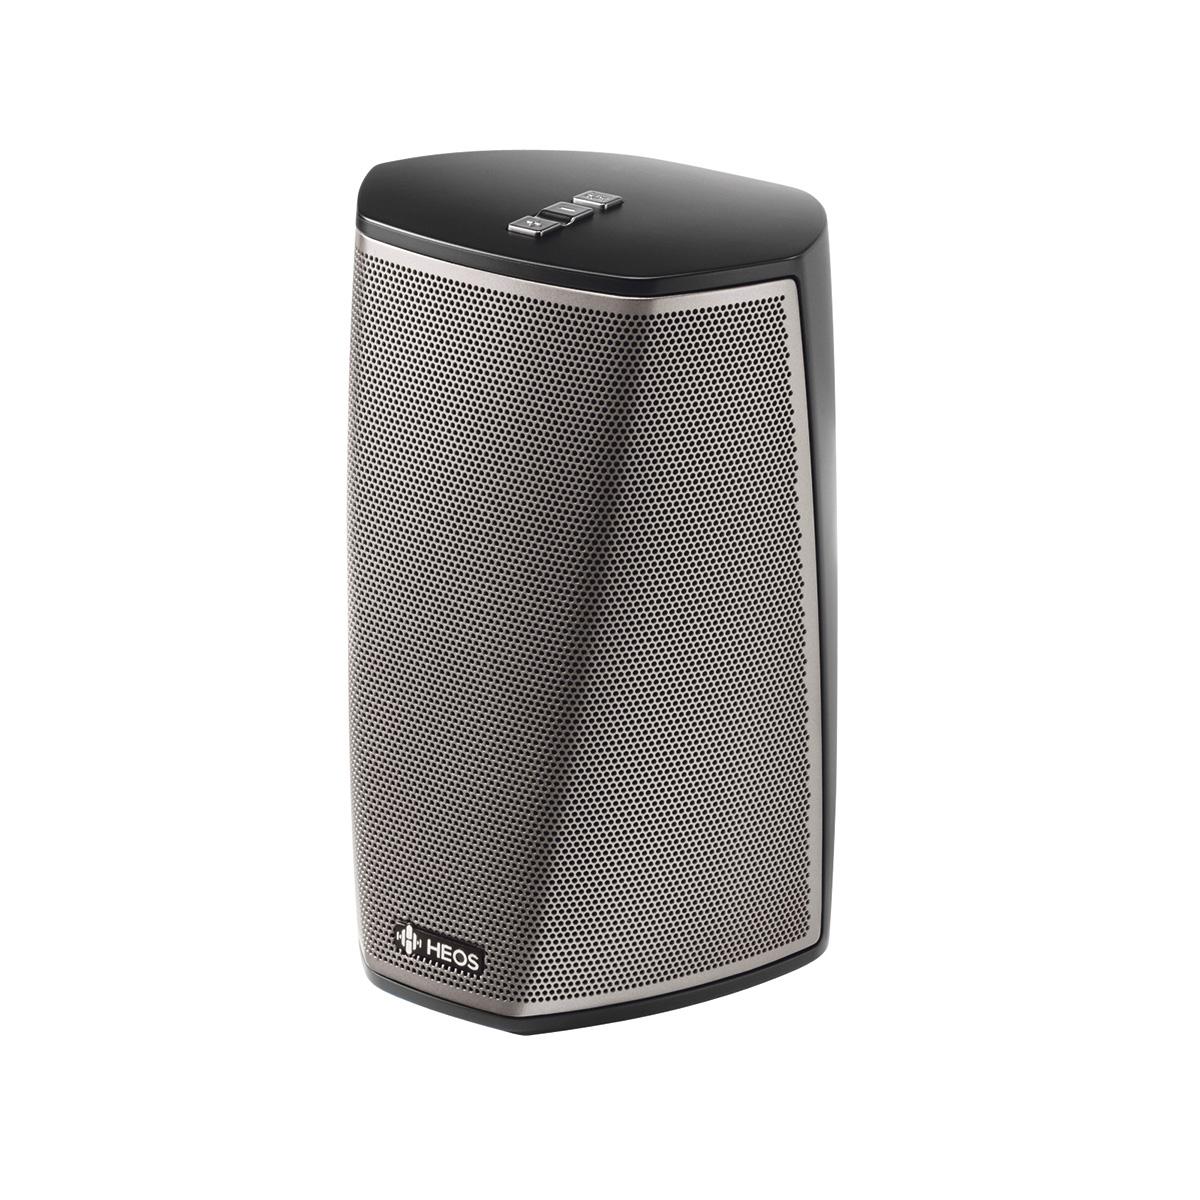 DENON HEOS 1 Draadloze Speaker - Zwart thumbnail